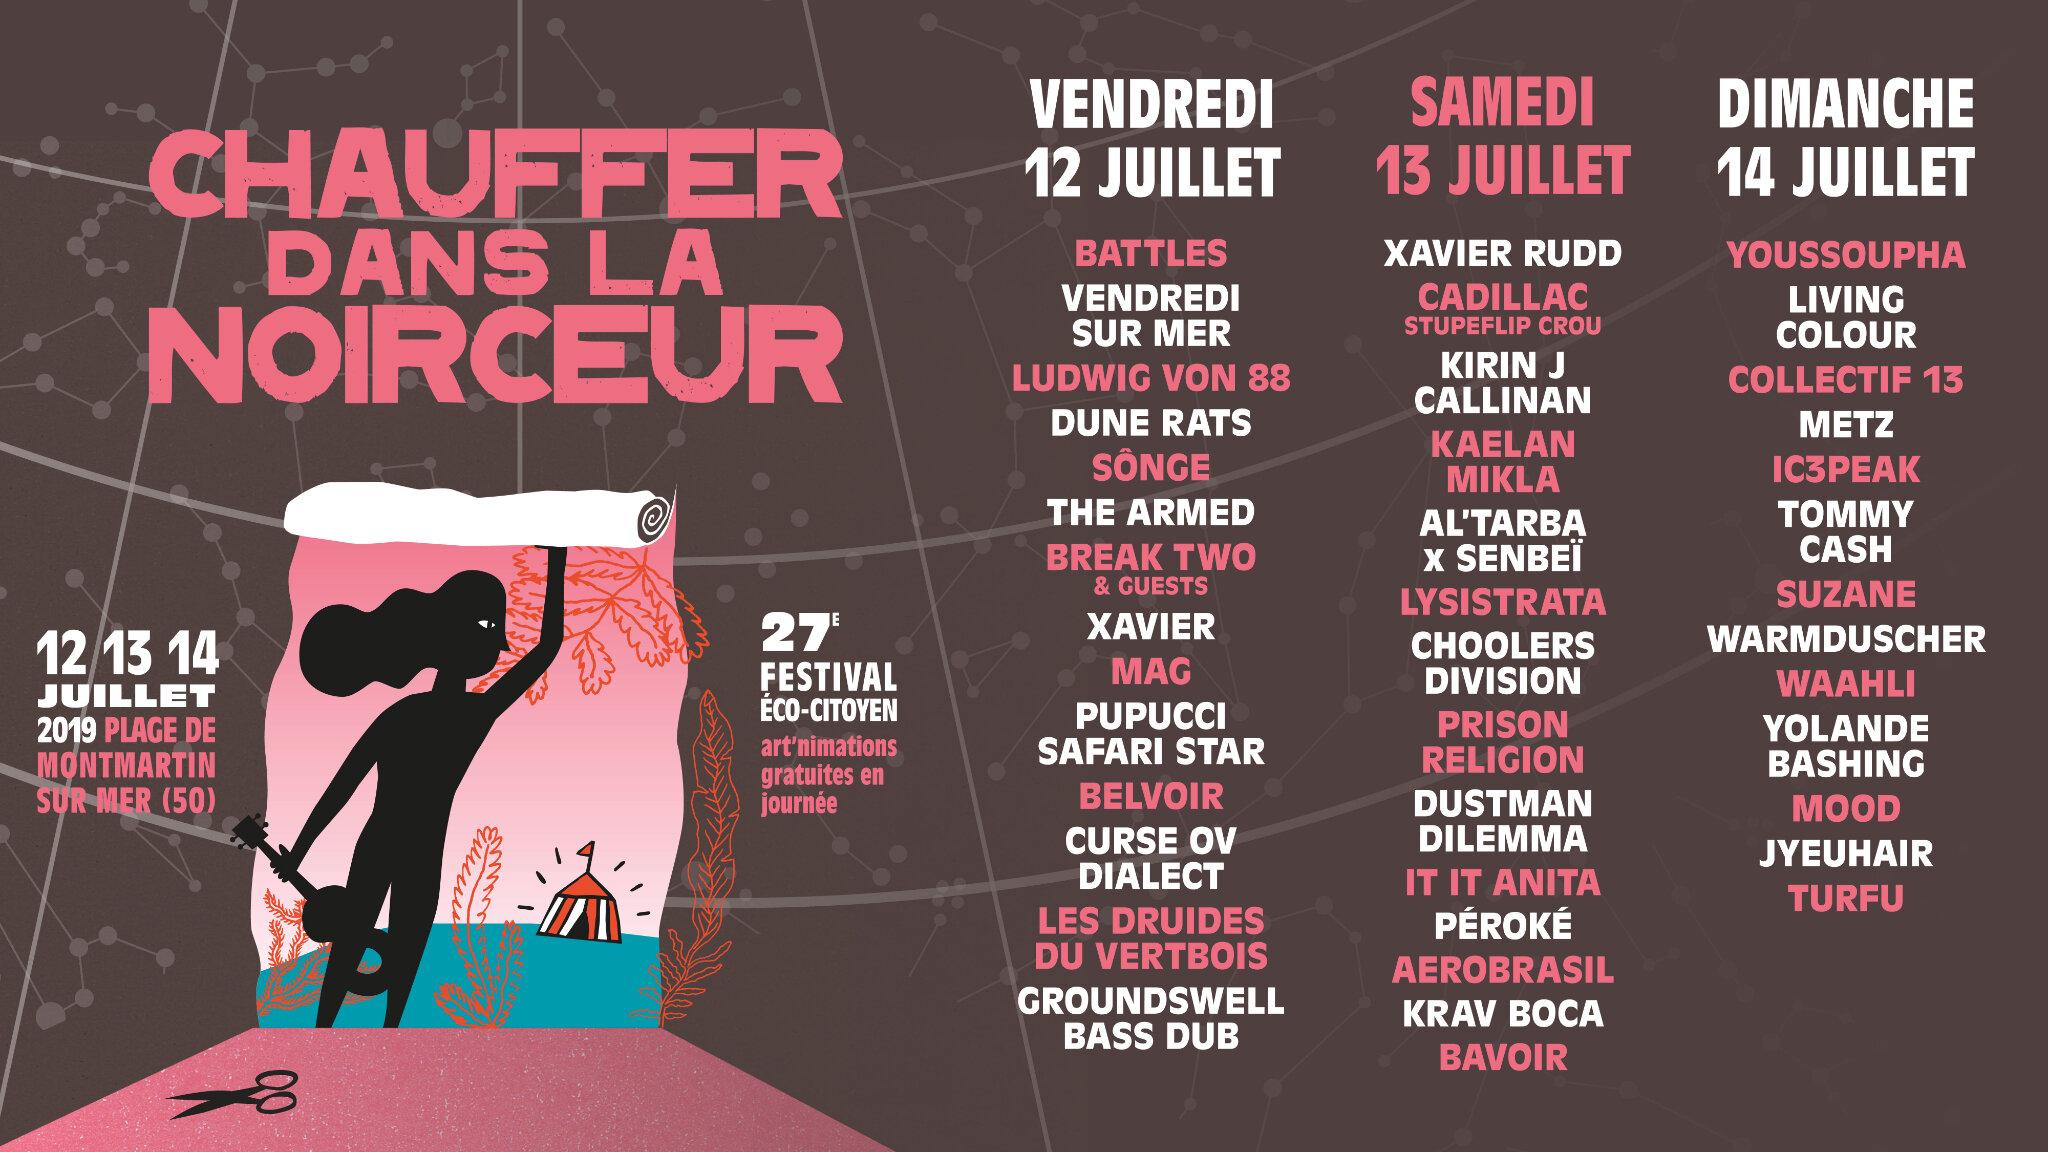 la rupture au coeur du 27ème festival Chauffer dans la Noirceur • du 12 au 14 juillet 2019 à la plage de Montmartin-sur-mer (50)